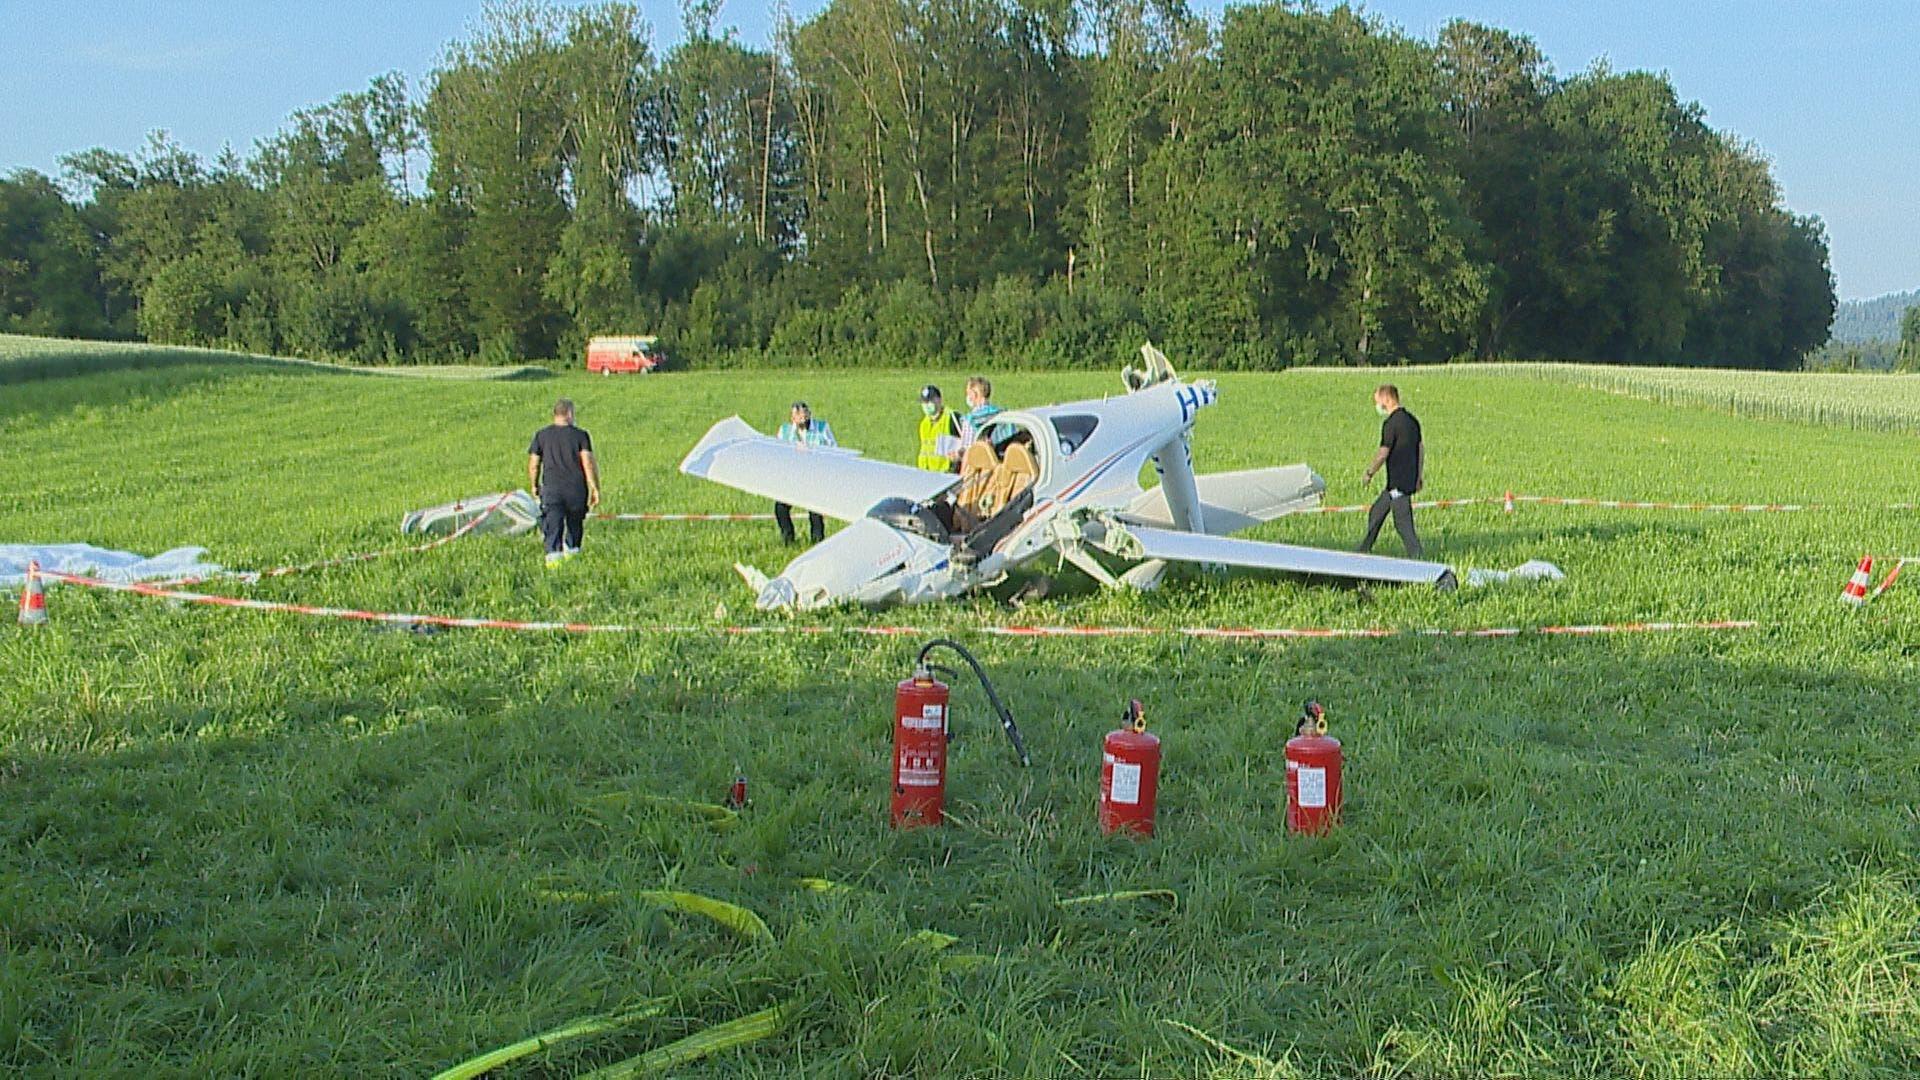 Am Donnerstag ist auf dem Birrfeld ein Flugzeug abgestürzt.